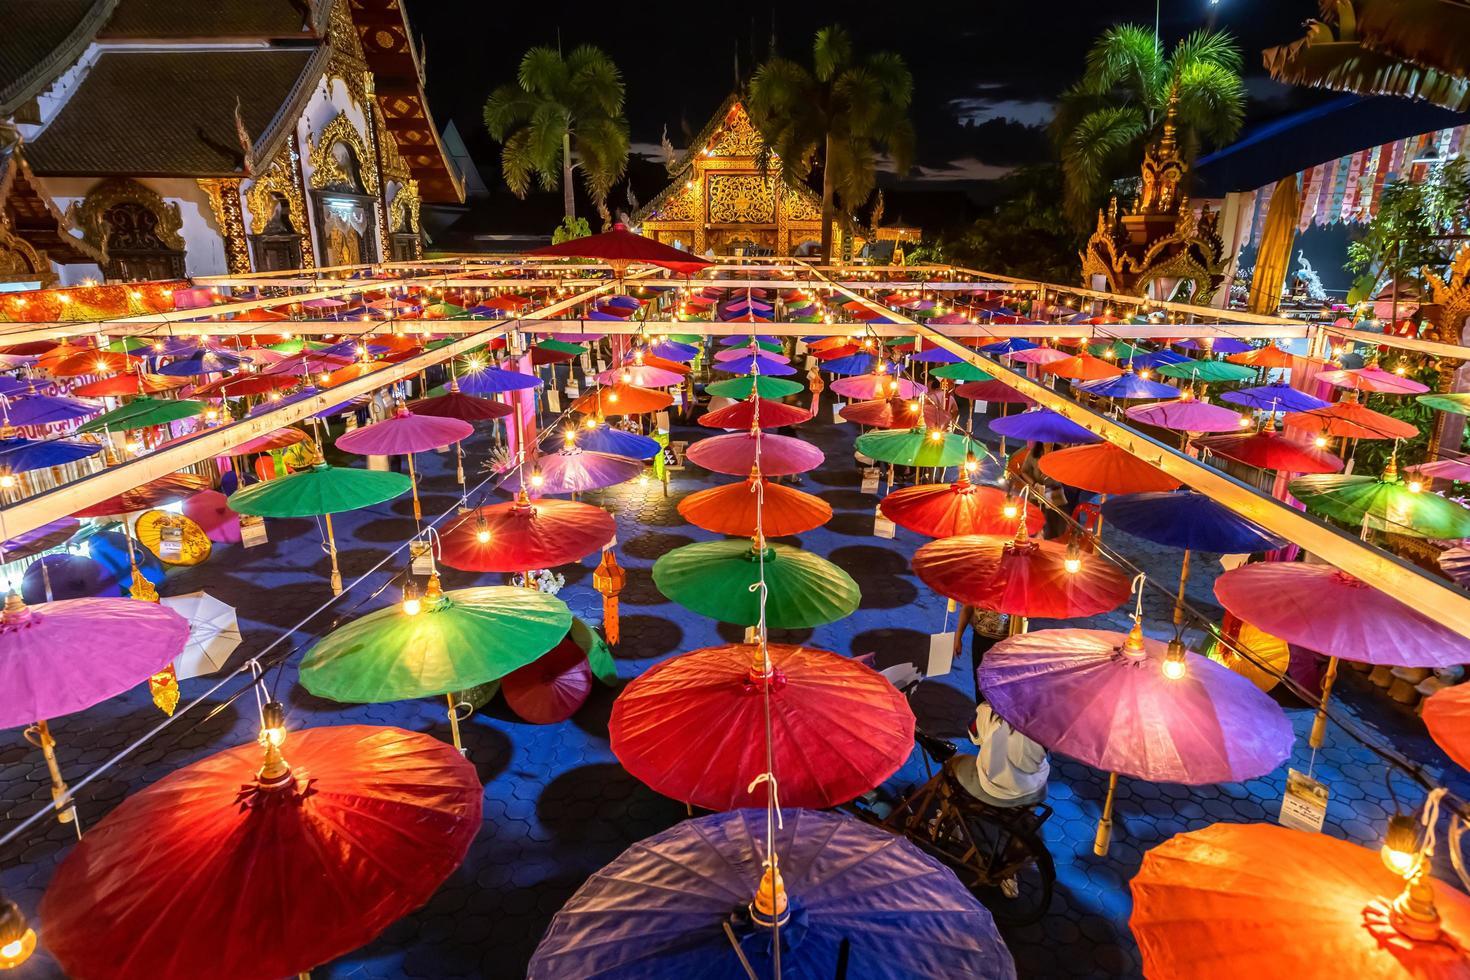 lanternas de papel colorido brilhante vintage penduradas perto de um templo budista na Tailândia foto